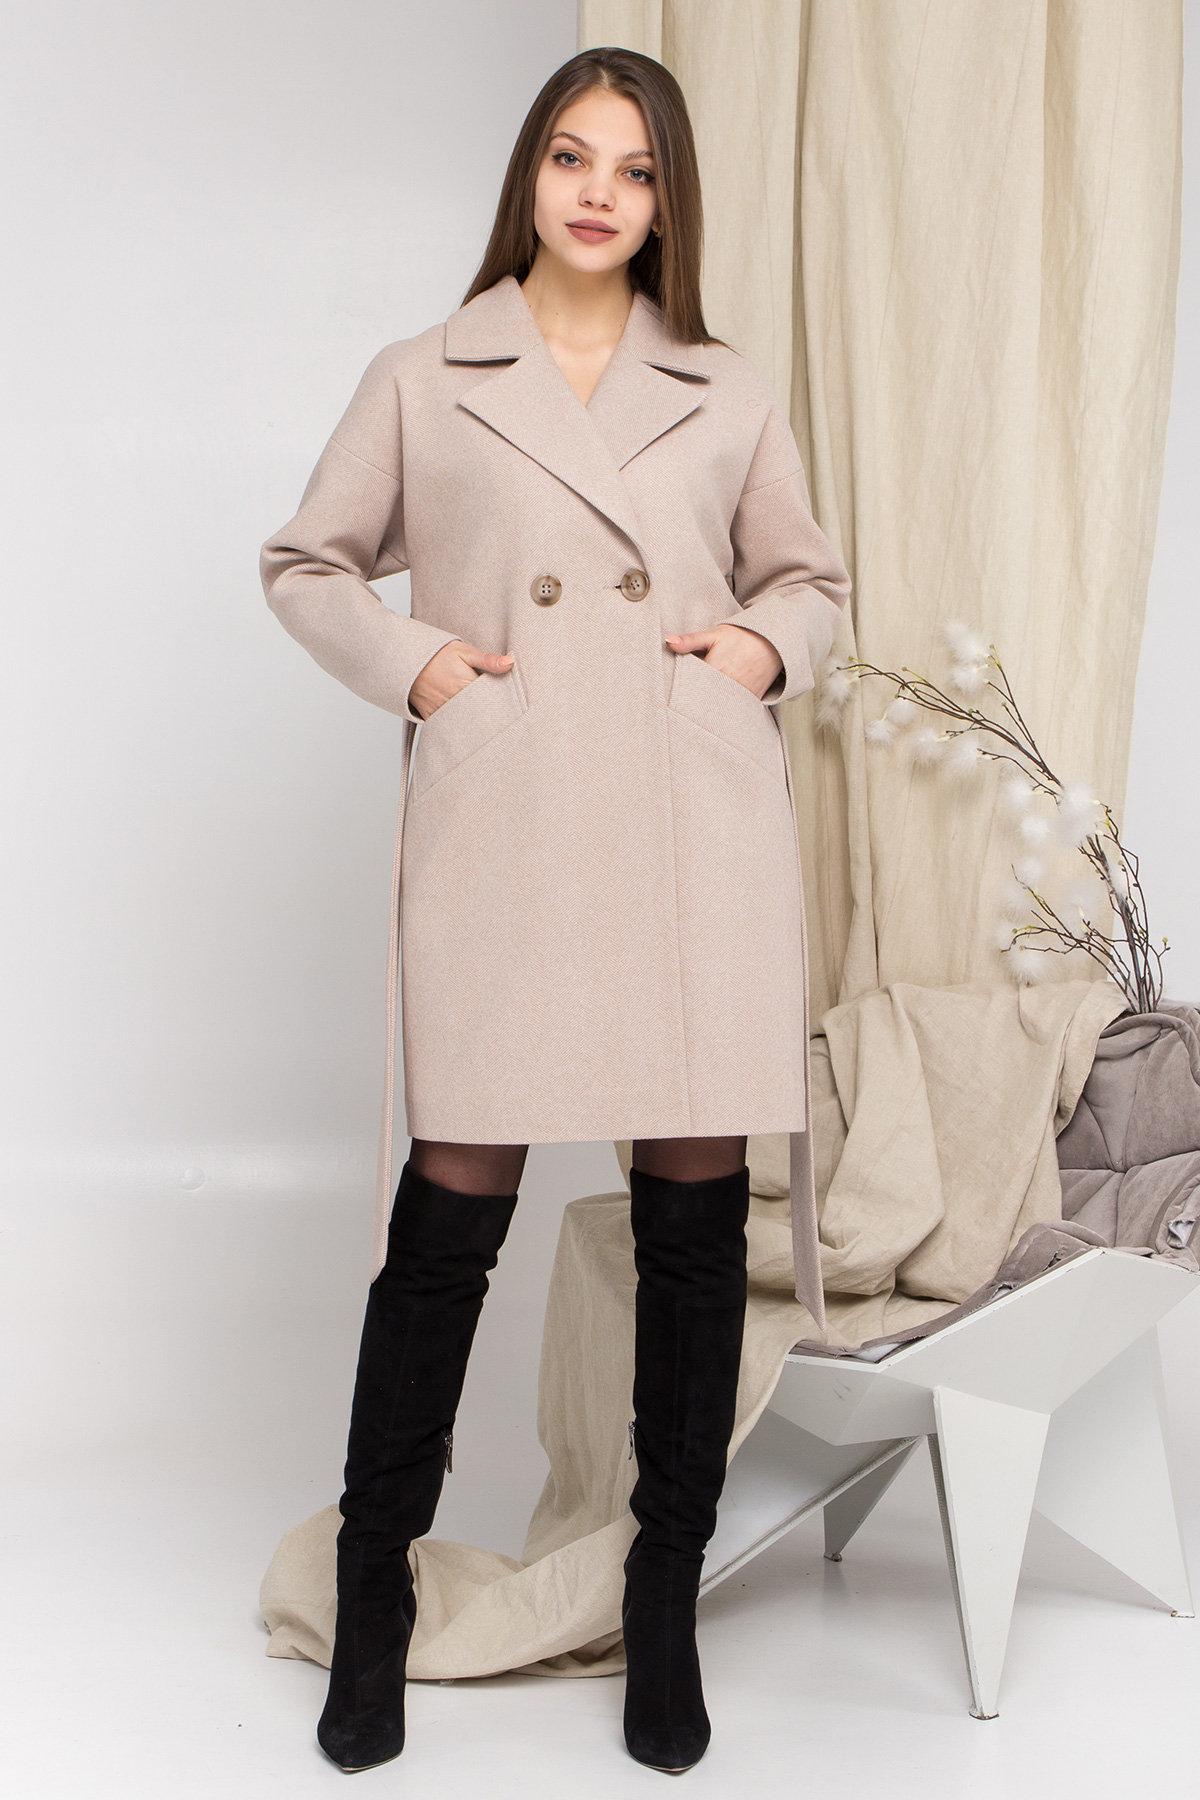 Пальто Сенсей 8905 АРТ. 45219 Цвет: Бежевый - фото 1, интернет магазин tm-modus.ru